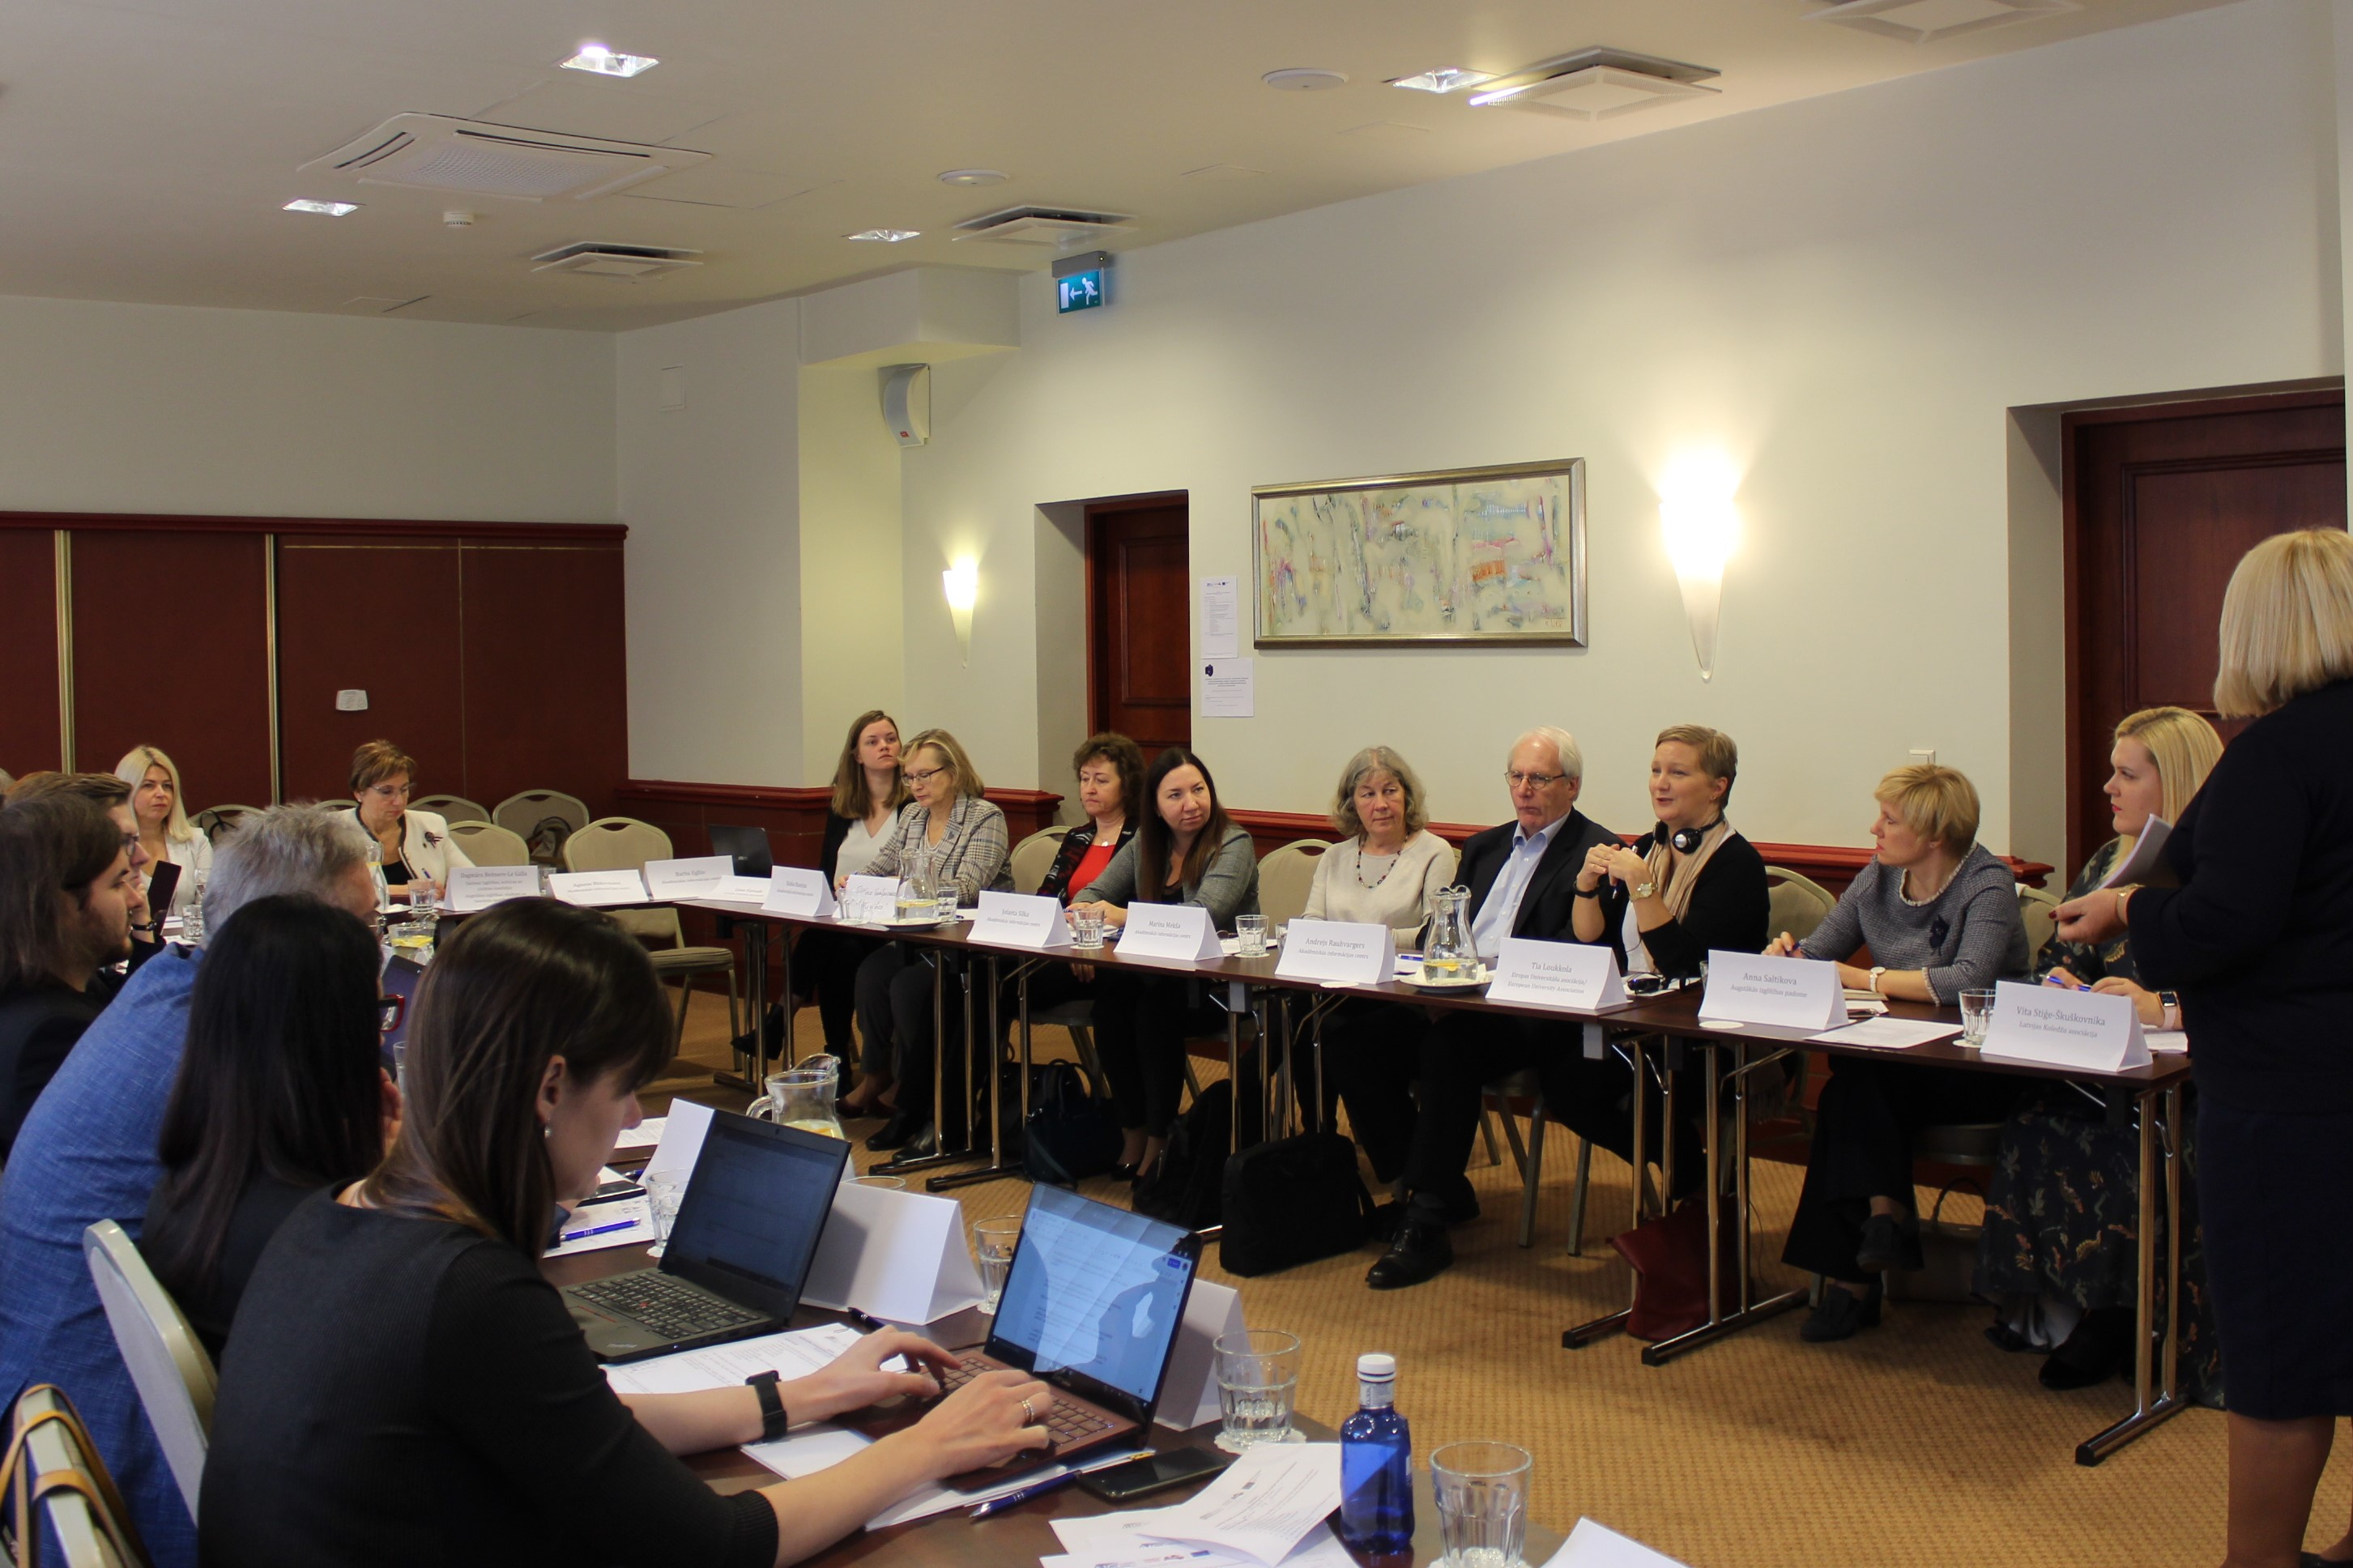 Uzsākta diskusija par institucionālo akreditāciju